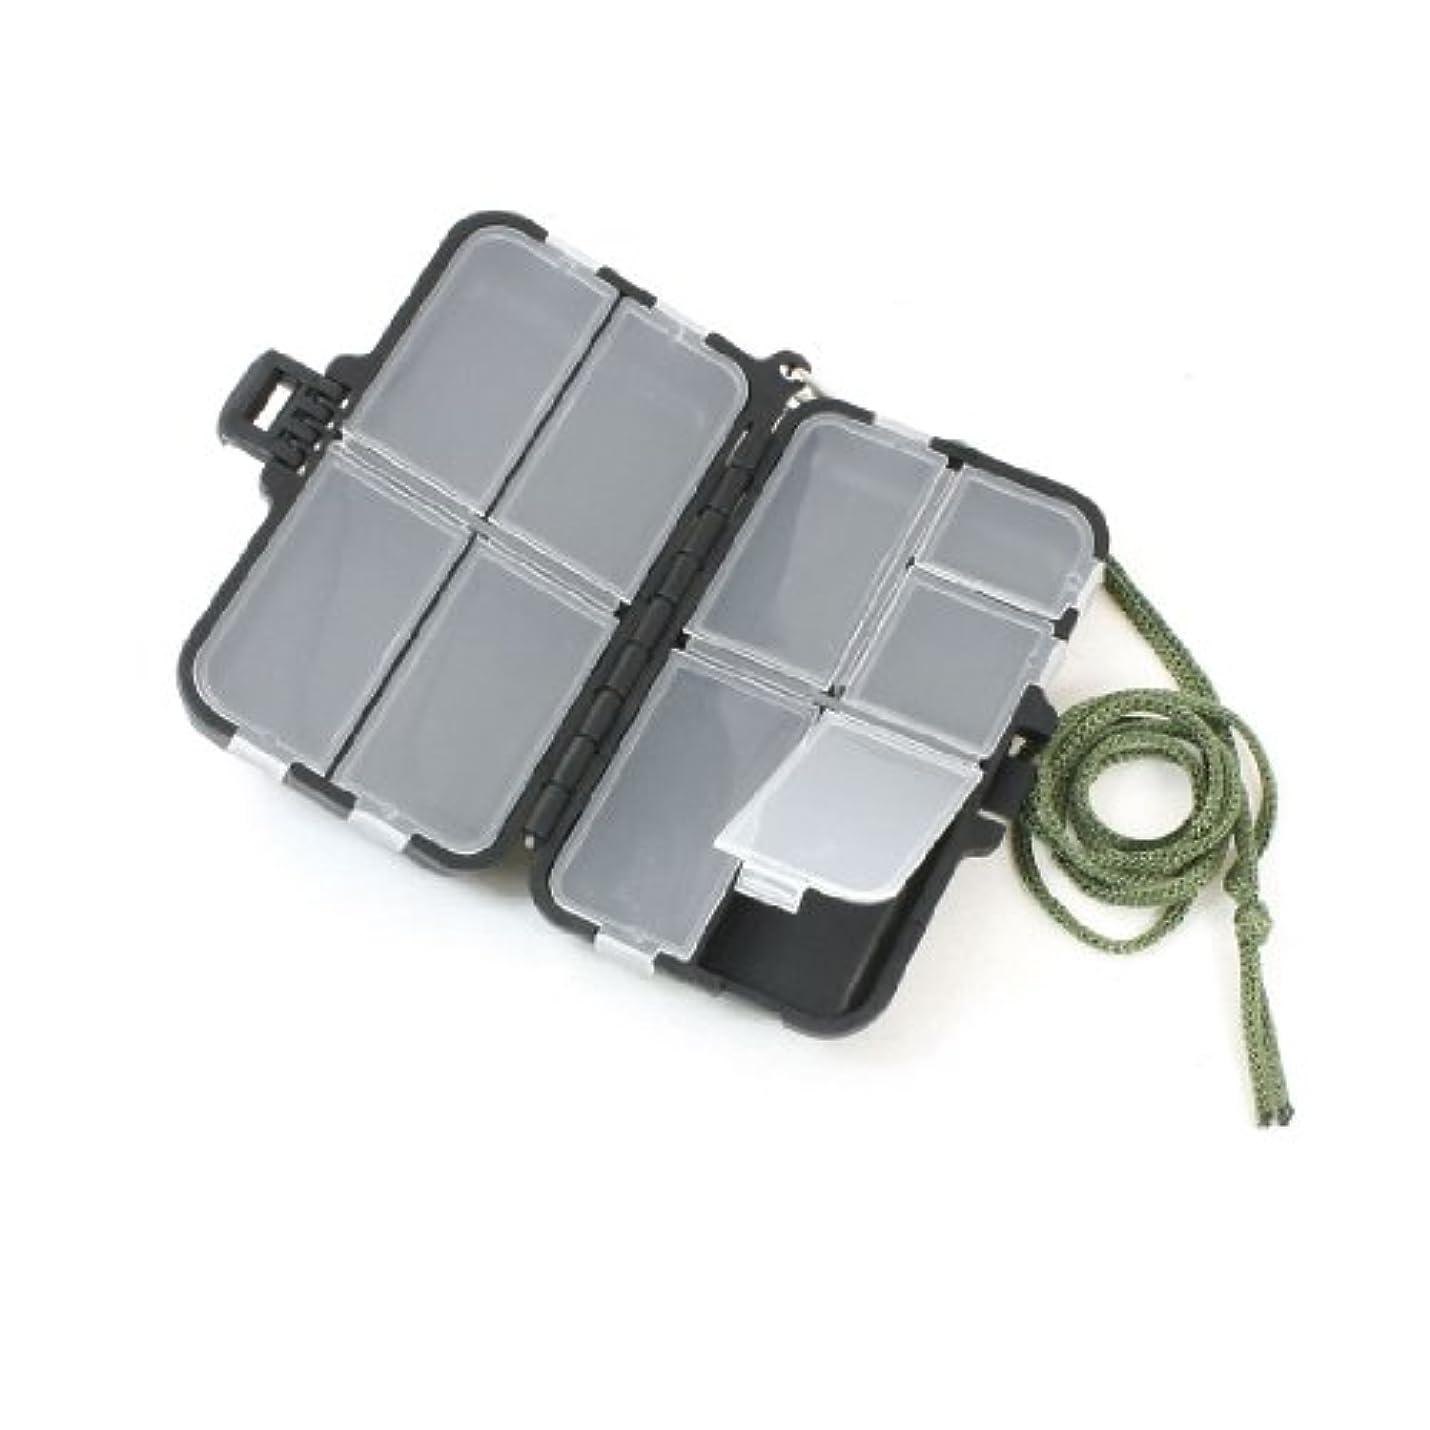 好ましいホイップ分岐するuxcell 釣りフックケース ルアー収納 防水 仕掛け収納 釣り具ケース フィッシュフックケースボックス ワットストラップ ポータブル 9コンパートメント